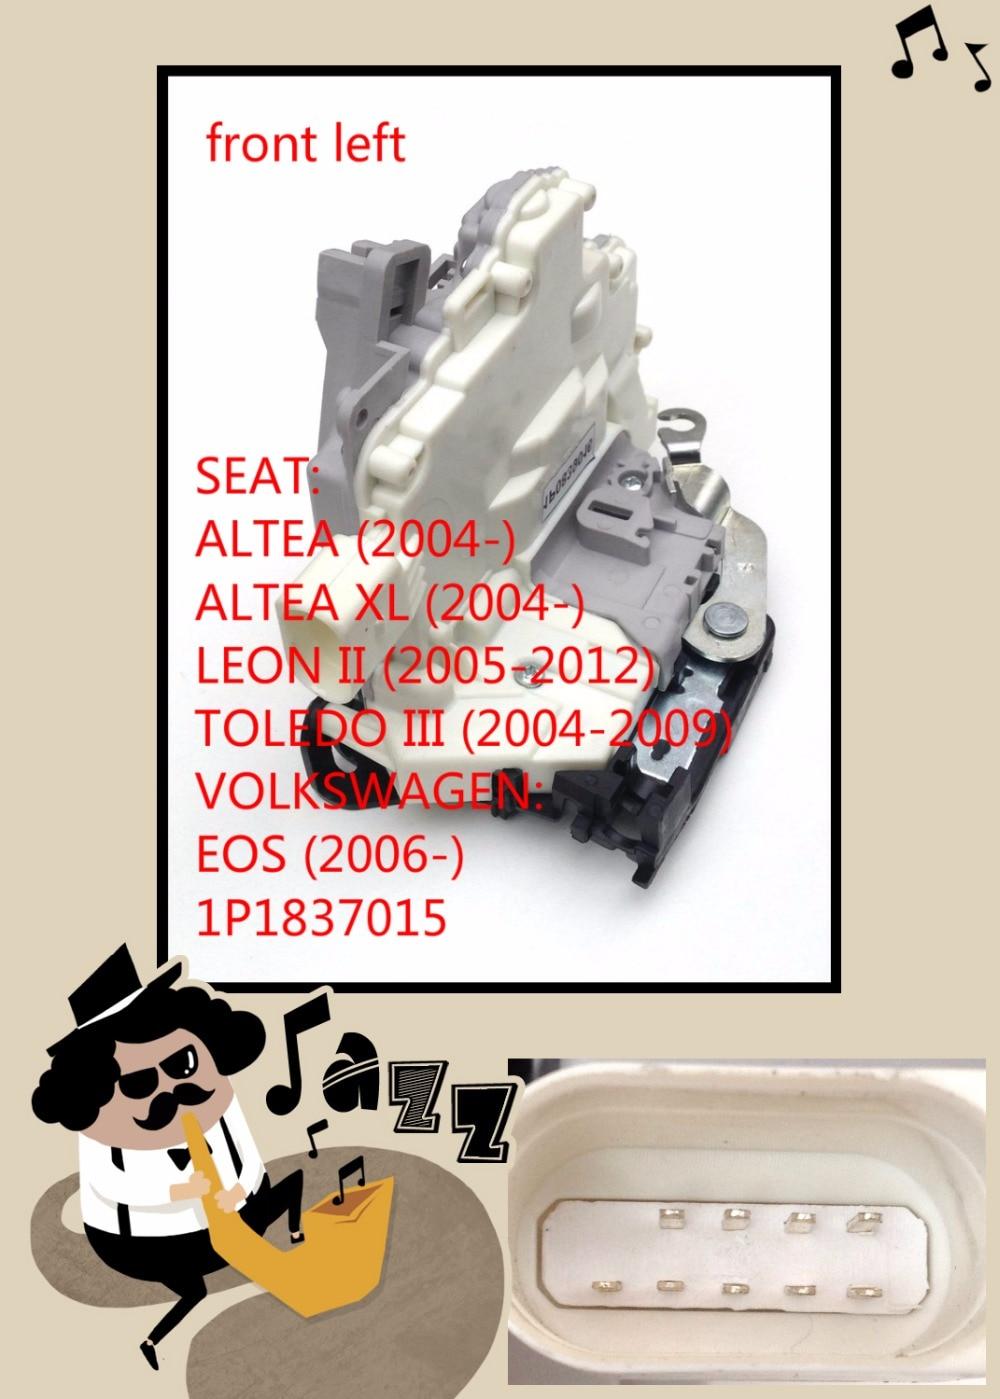 FOR Volkswagen MK5 EOS SEAT Leon 1P Zv ALTEA TOLEDO front Left Door Latch Assembly / Door Lock Actuator 1P1837015 1P1837015A high quality for seat leon mk2 rear left door lock catch mechanism 1p0 839 015 1p0839015 leon ii 2005 2012